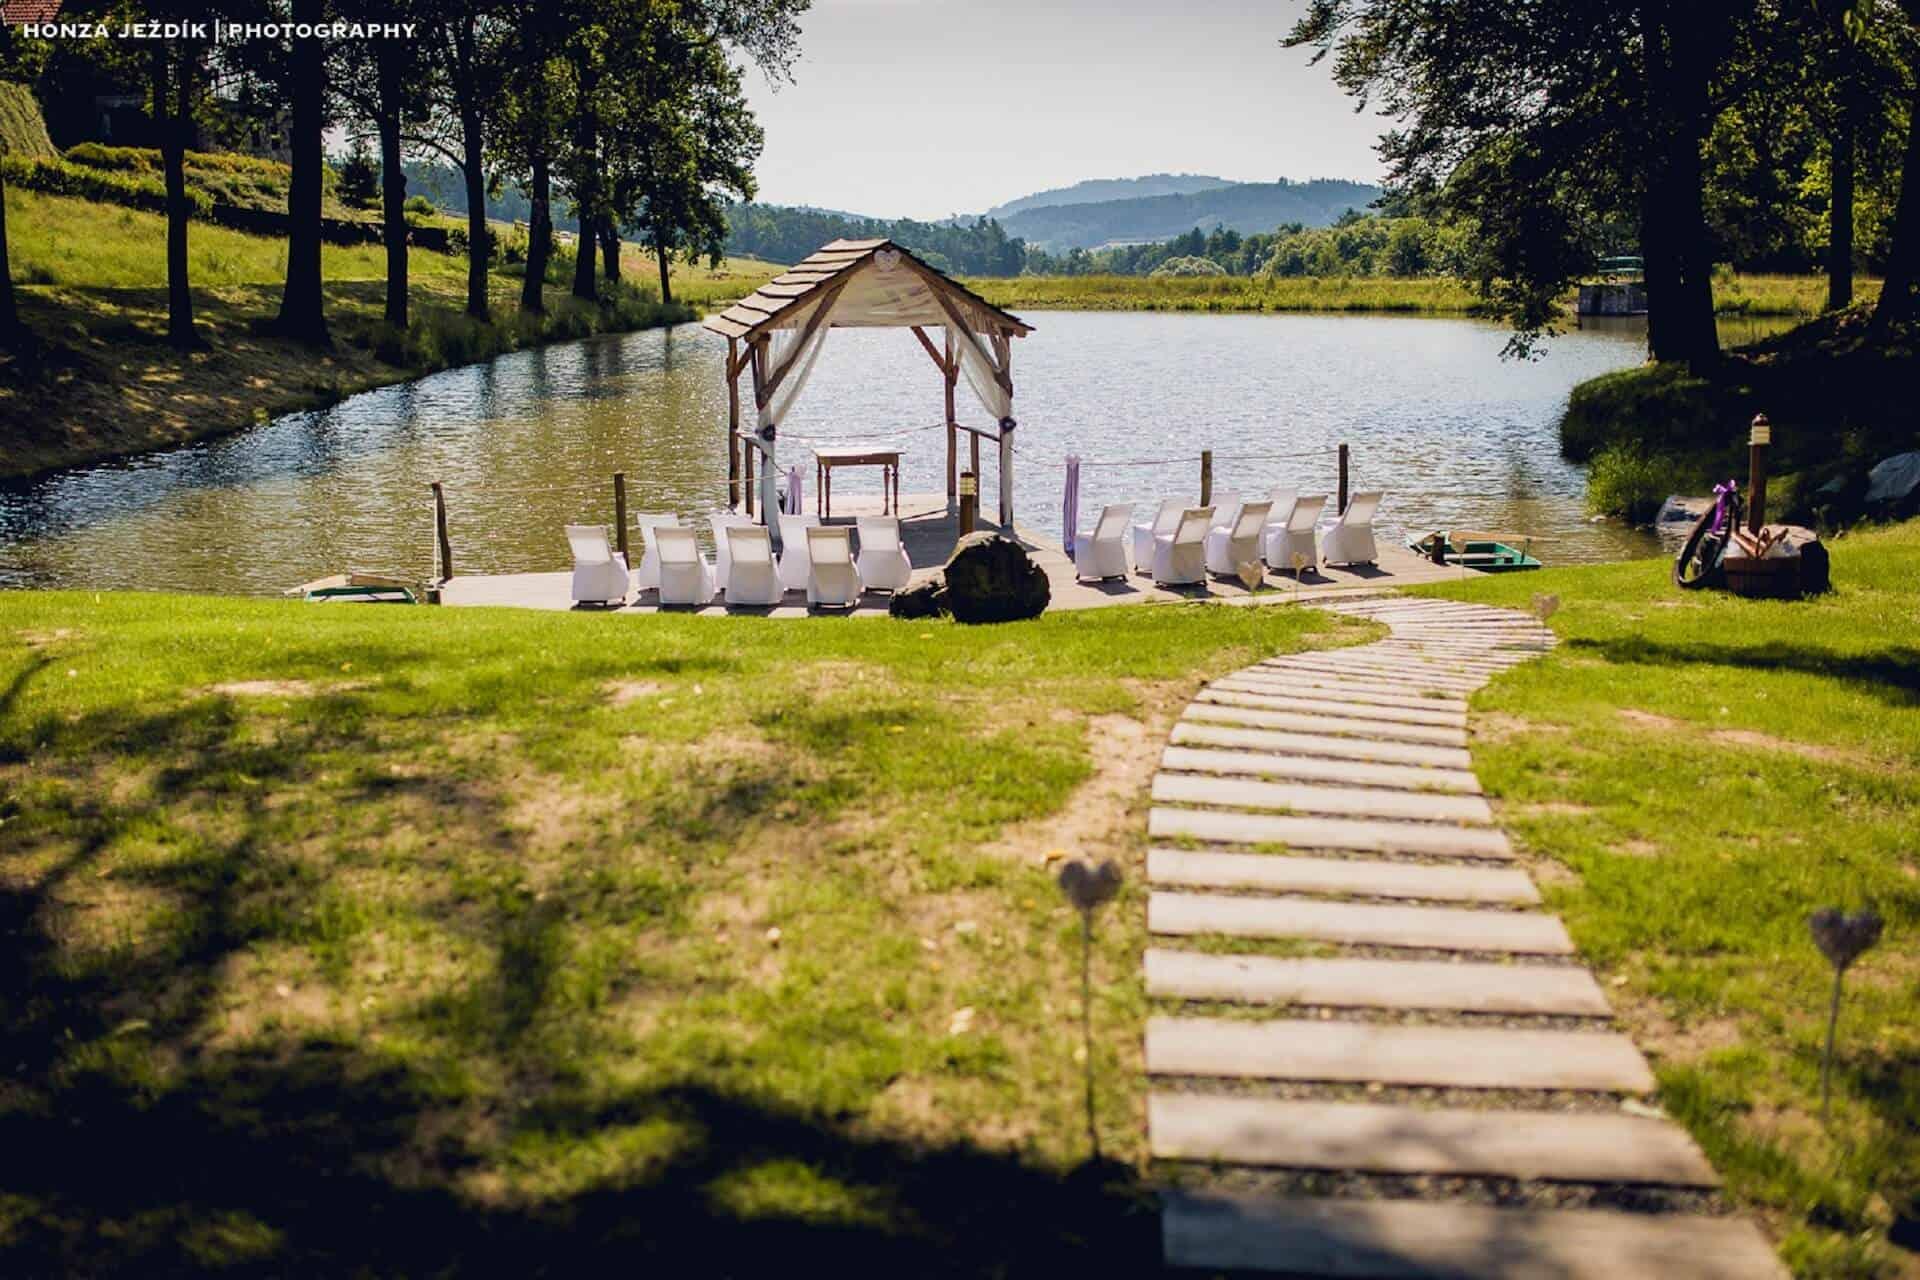 Hotel Všetice - obřad u rybníka